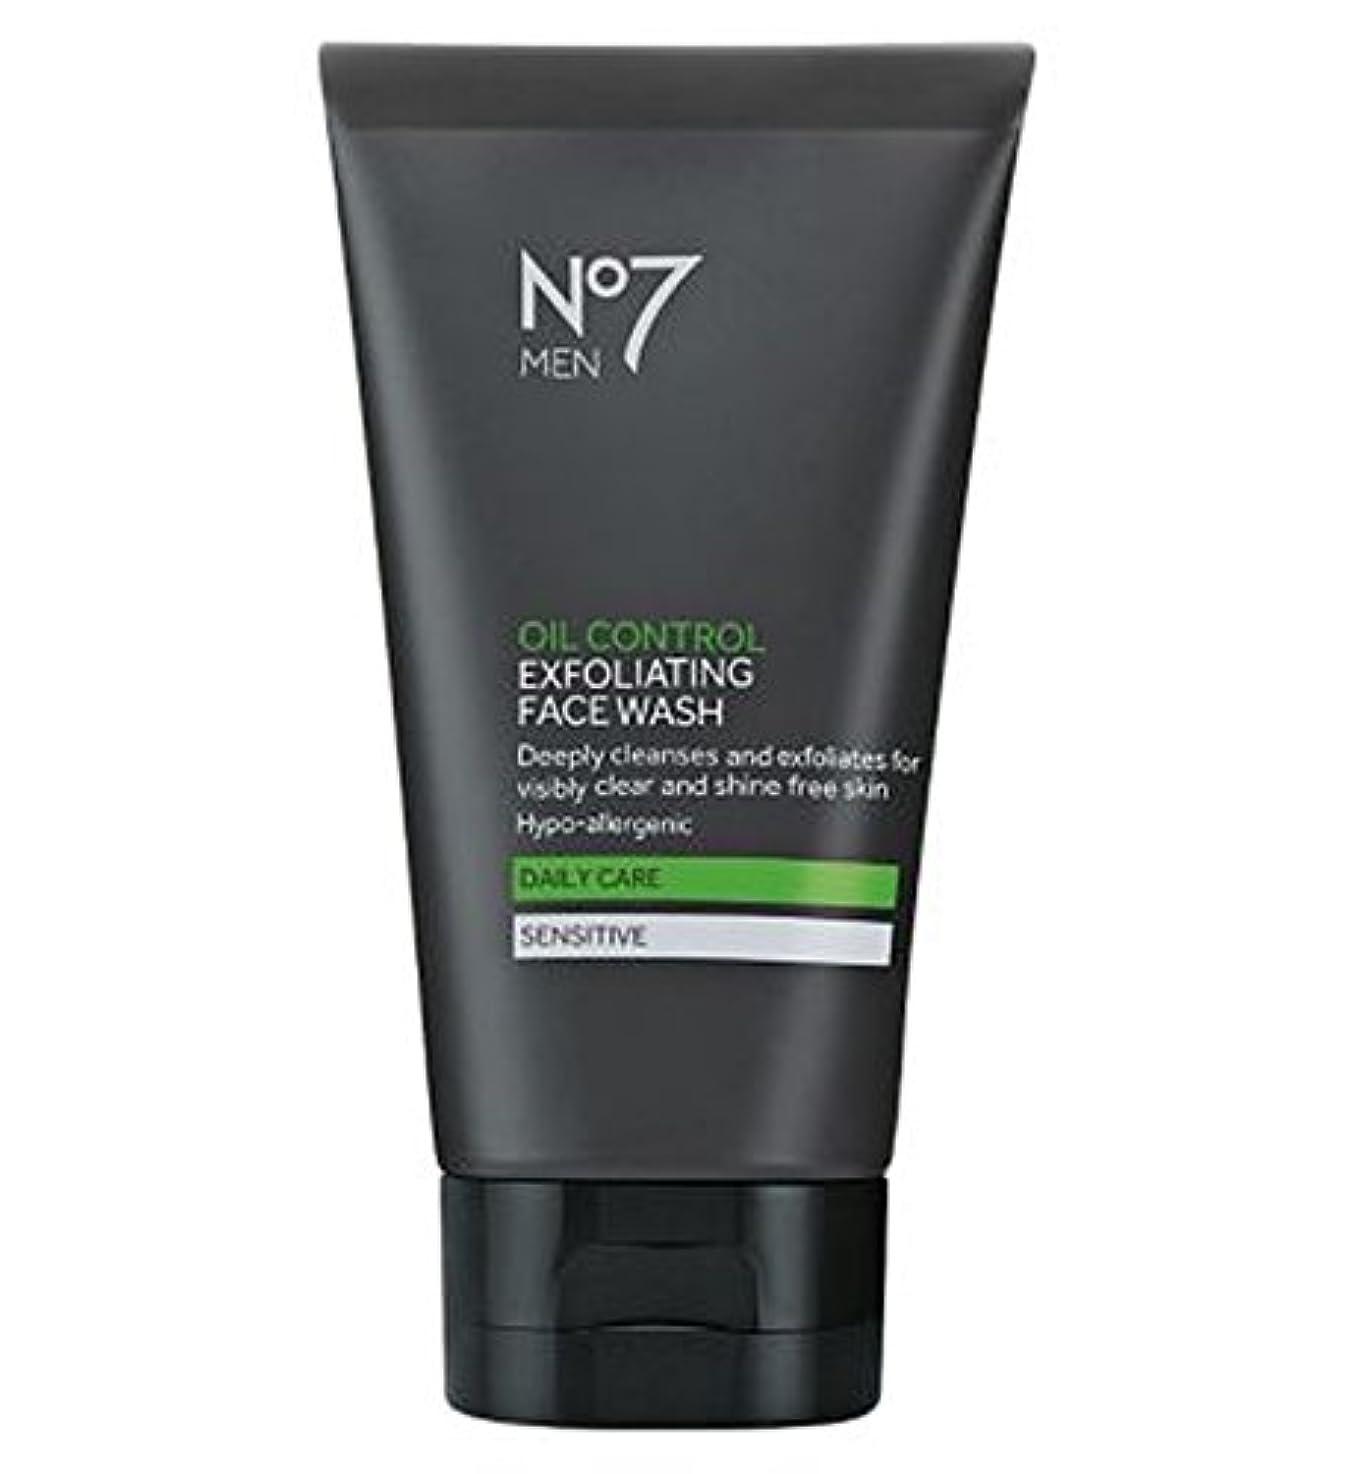 処理するナプキン幸運なNo7男性オイルコントロールフェイスウォッシュ150ミリリットル (No7) (x2) - No7 Men Oil Control Face Wash 150ml (Pack of 2) [並行輸入品]